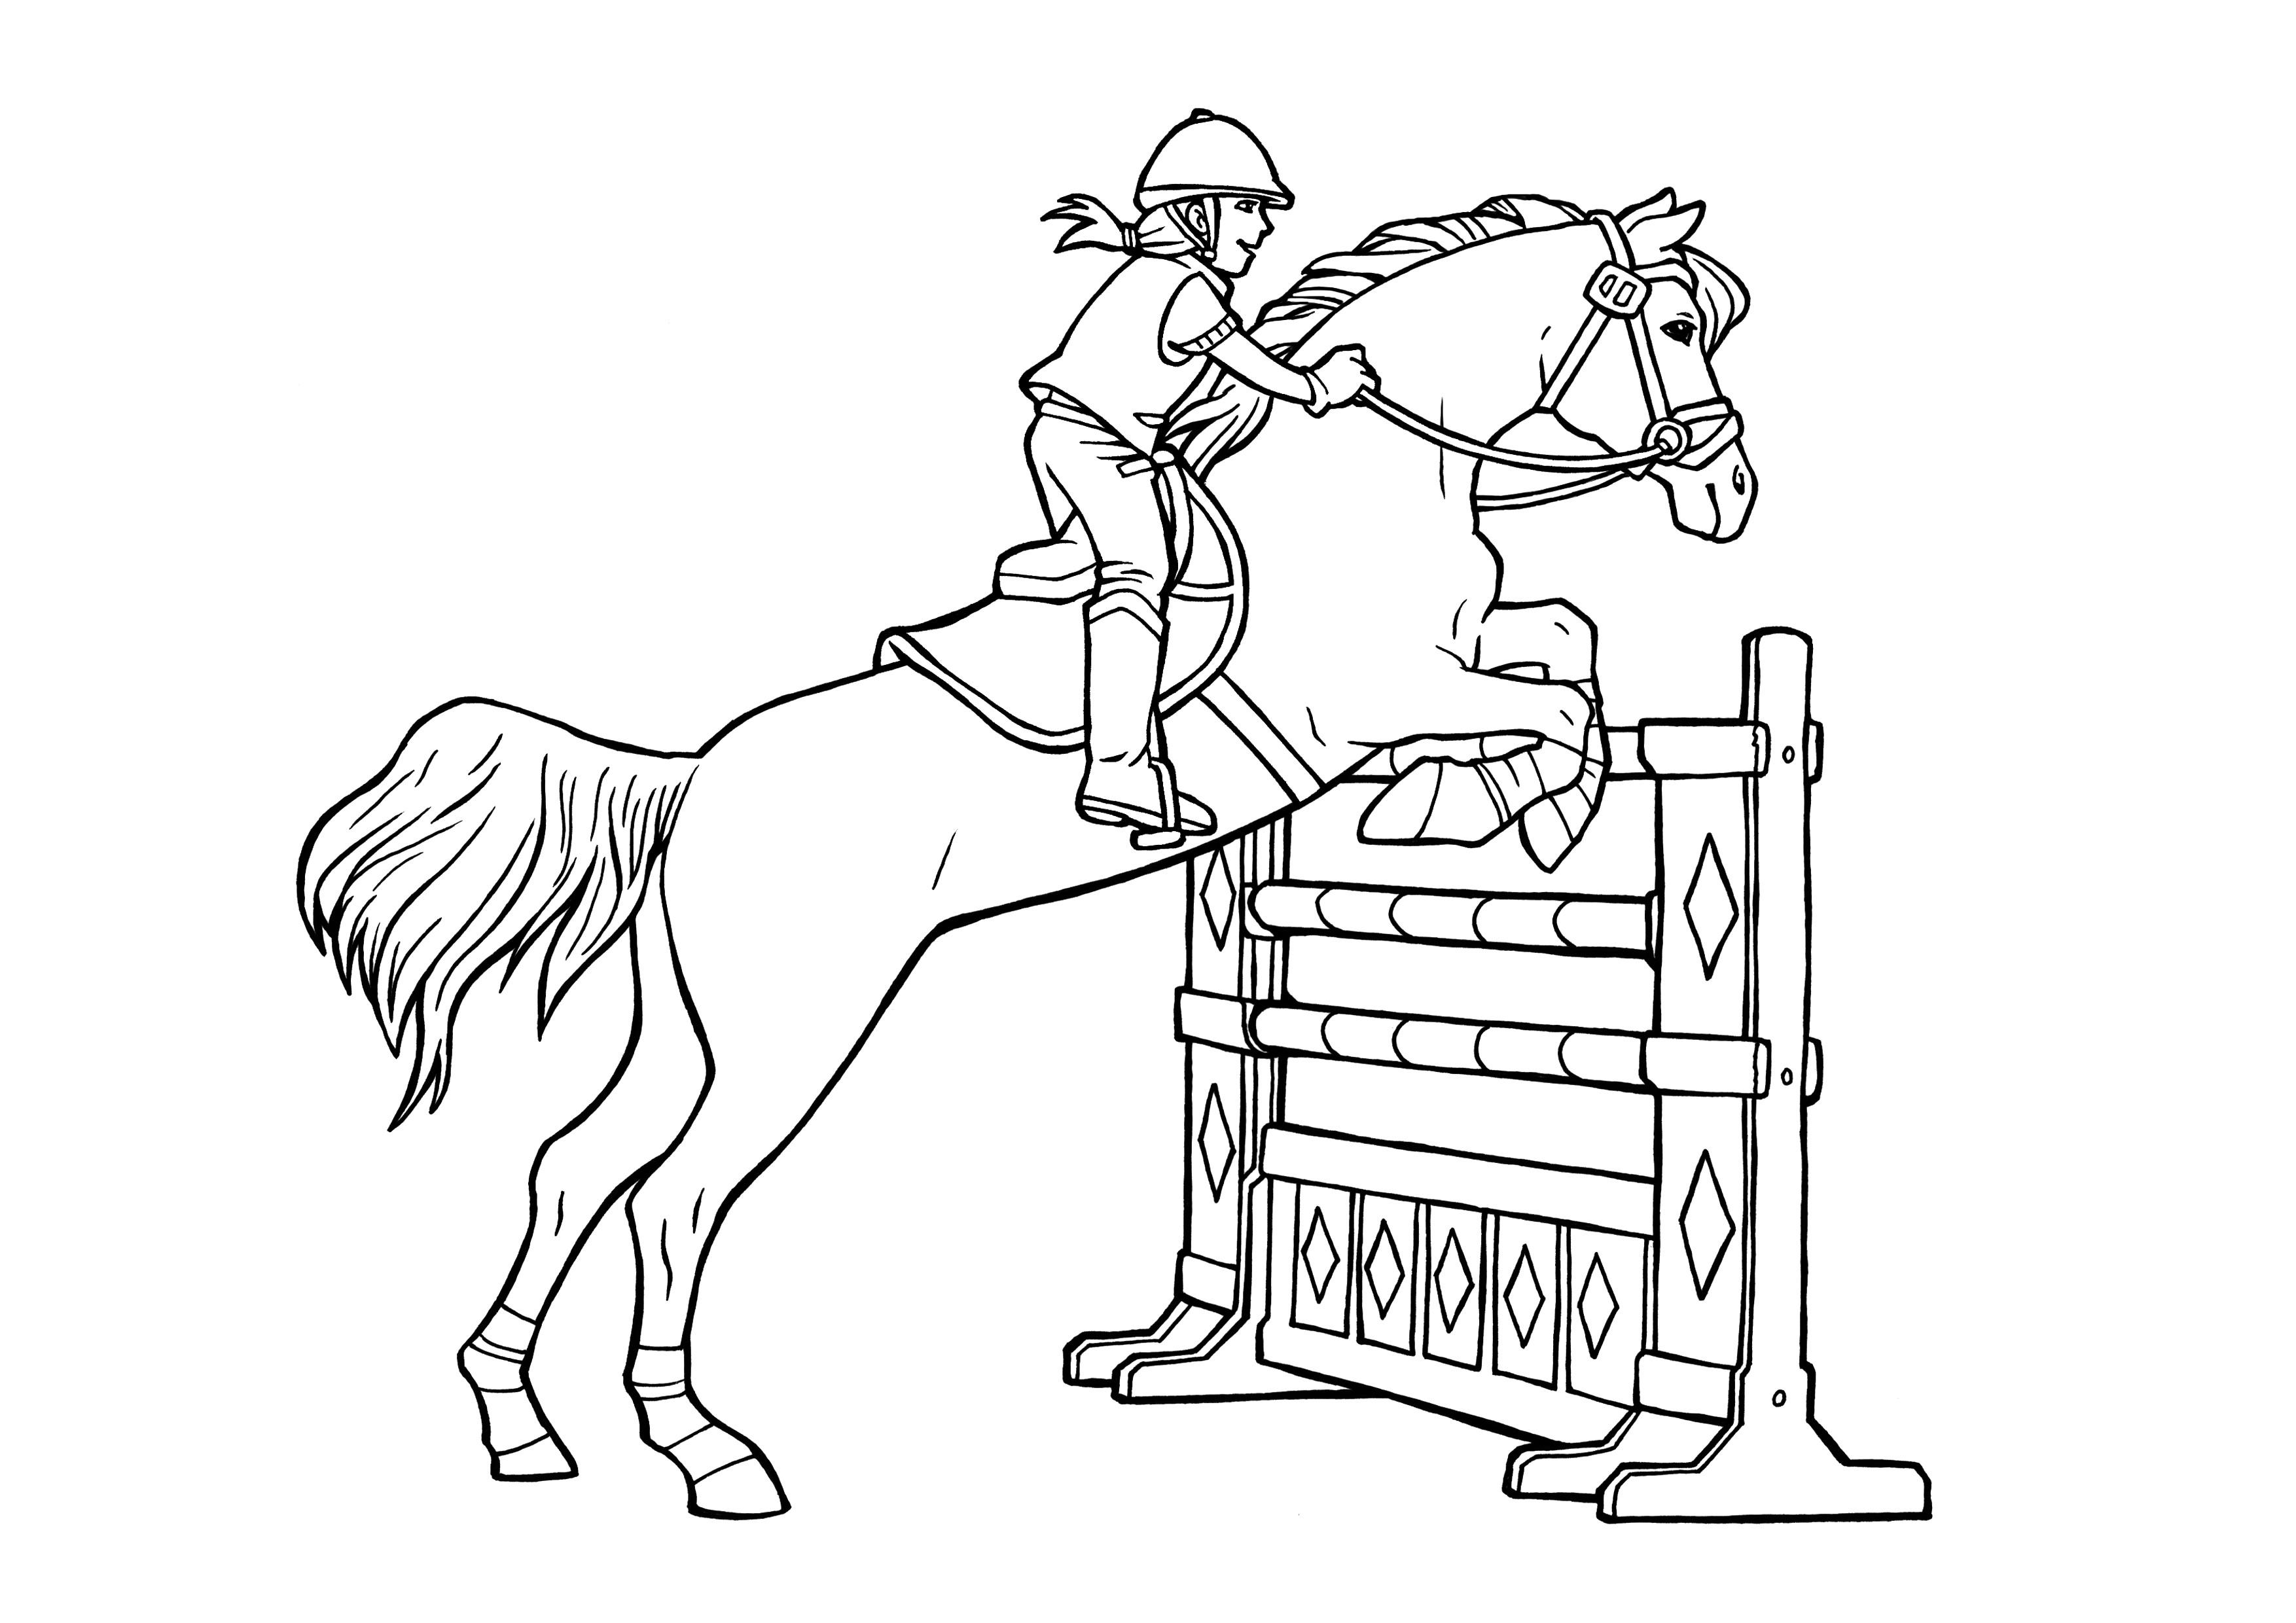 Ausmalbilder Pferde Turnier  Ausmalbilder Pferde Turnier Ausmalbilder Pferde